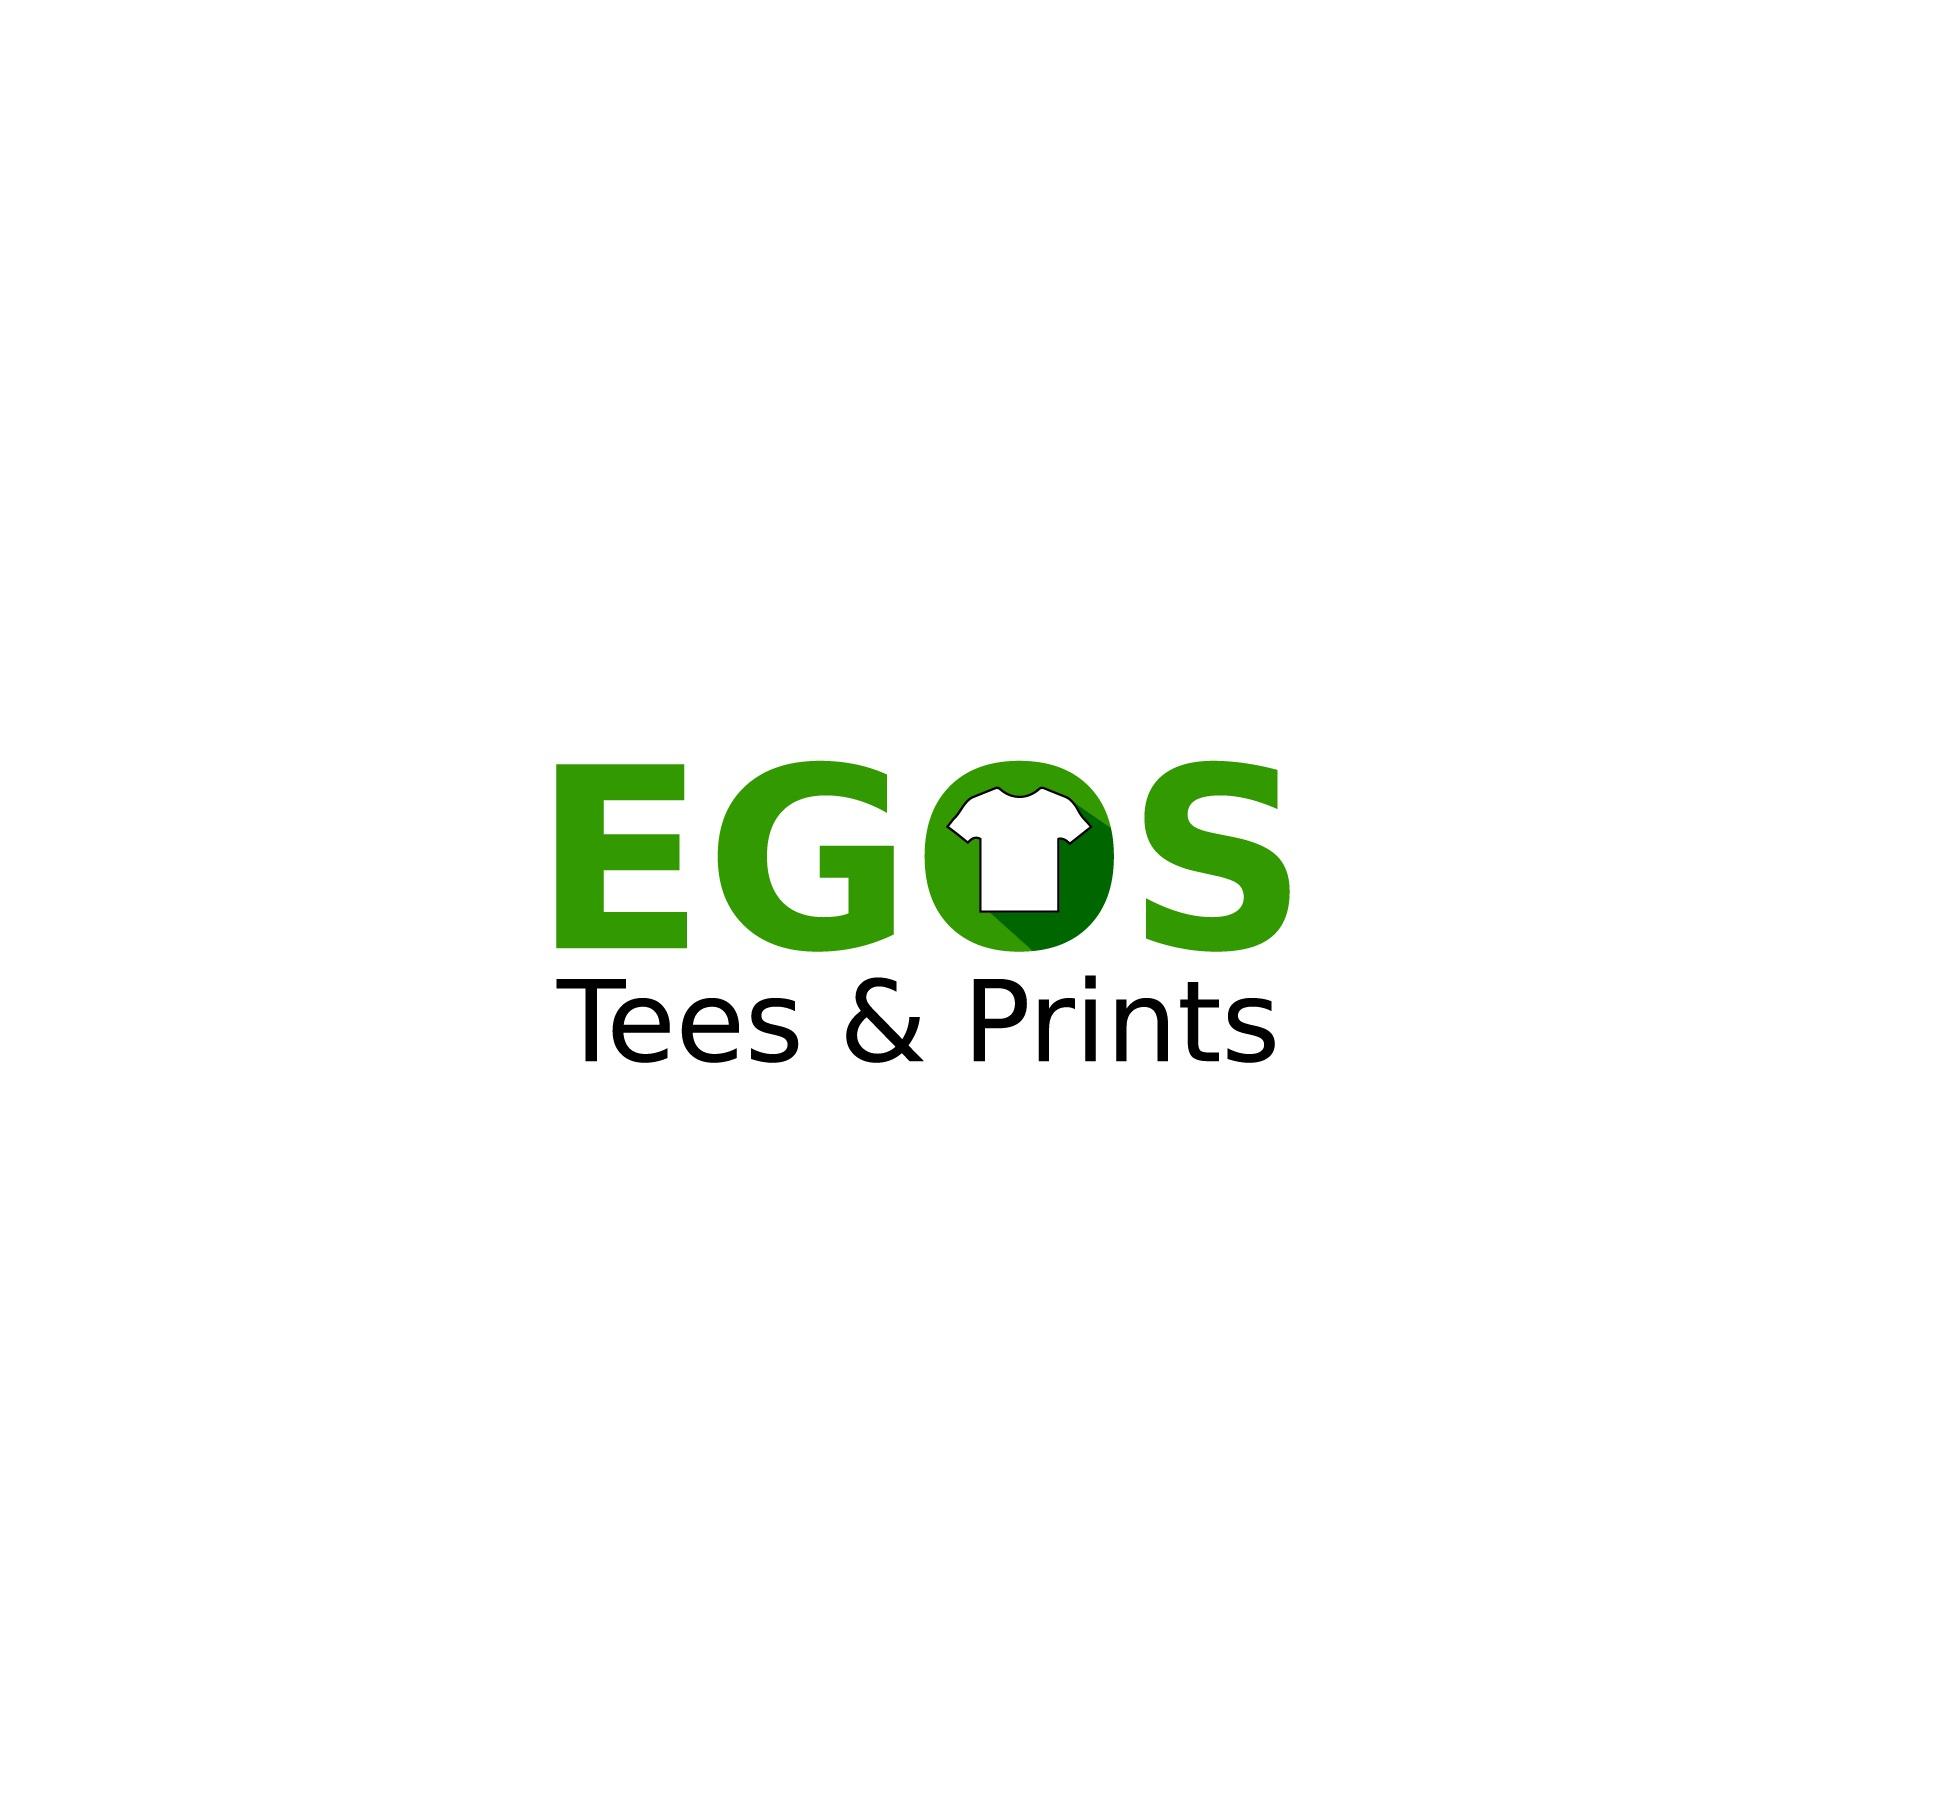 Egos Tees & Prints